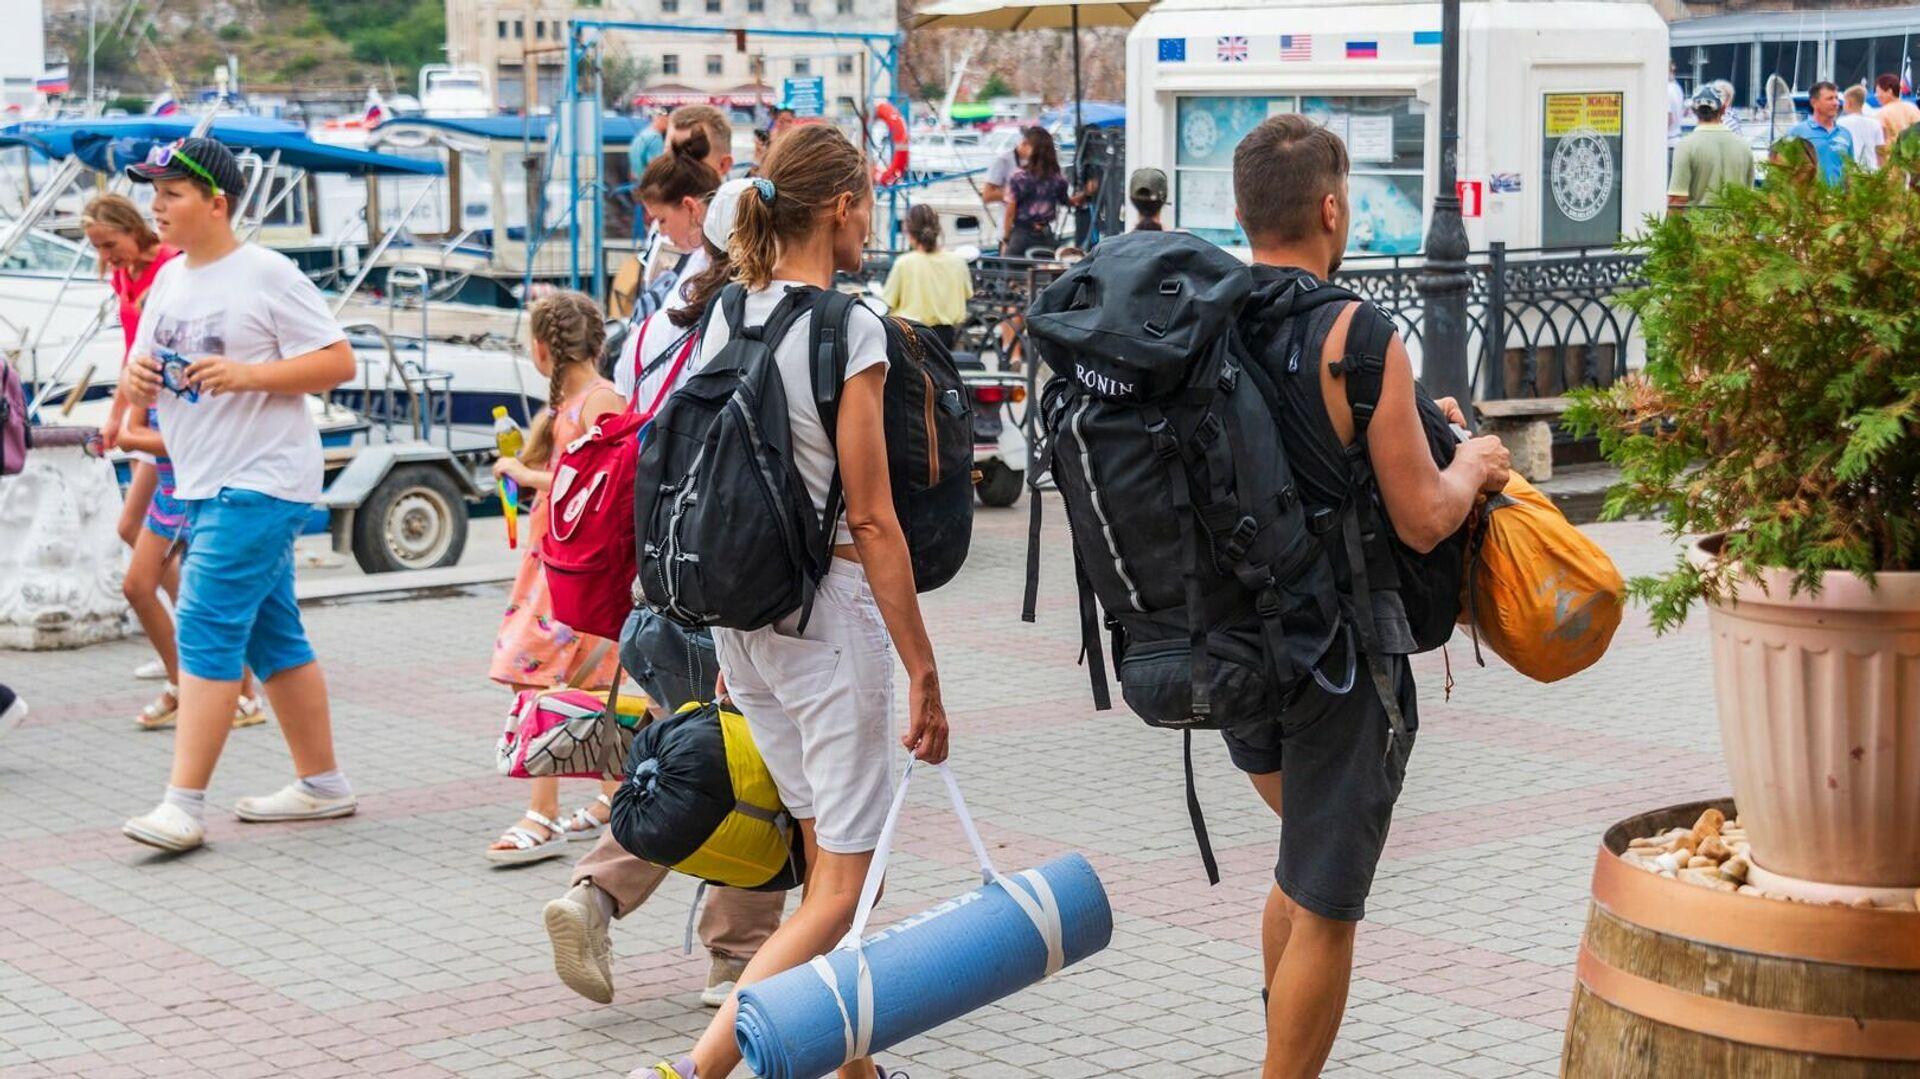 Туристы с рюкзаками на набережной Балаклавы - РИА Новости, 1920, 27.09.2021